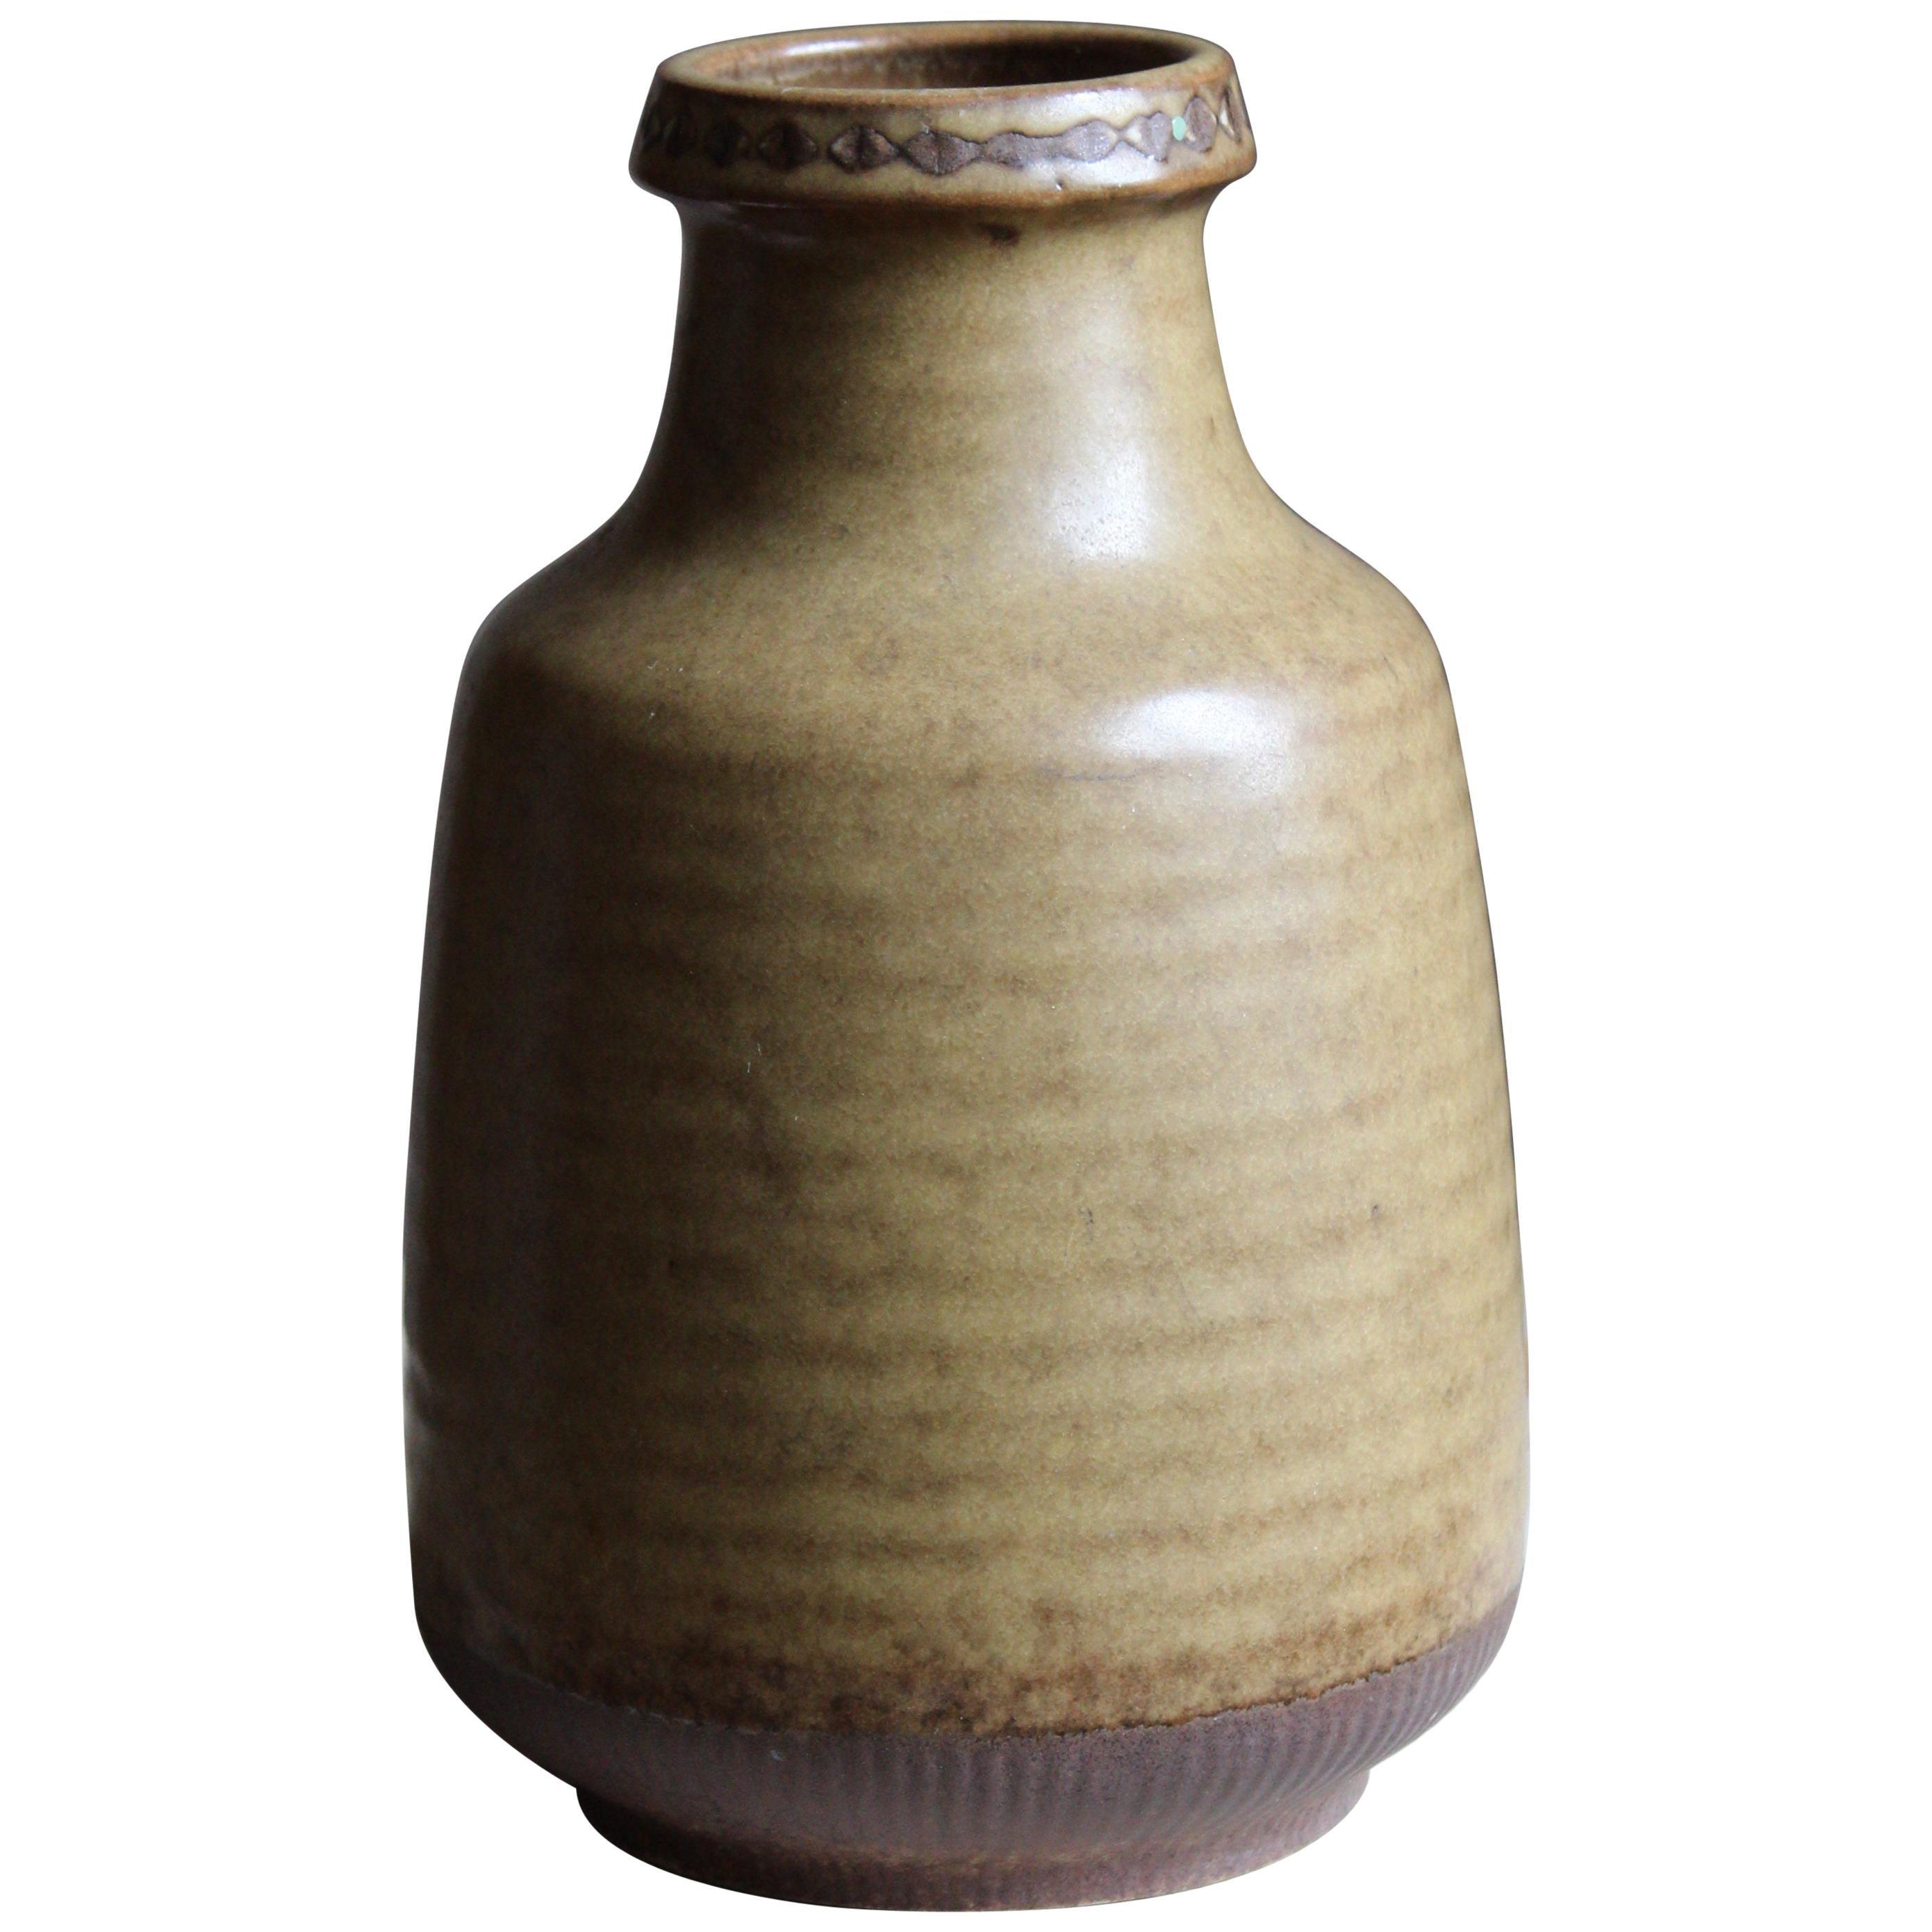 Gunnar Nylund, Vase, Glazed Stoneware, Rörstand, Sweden, 1940s